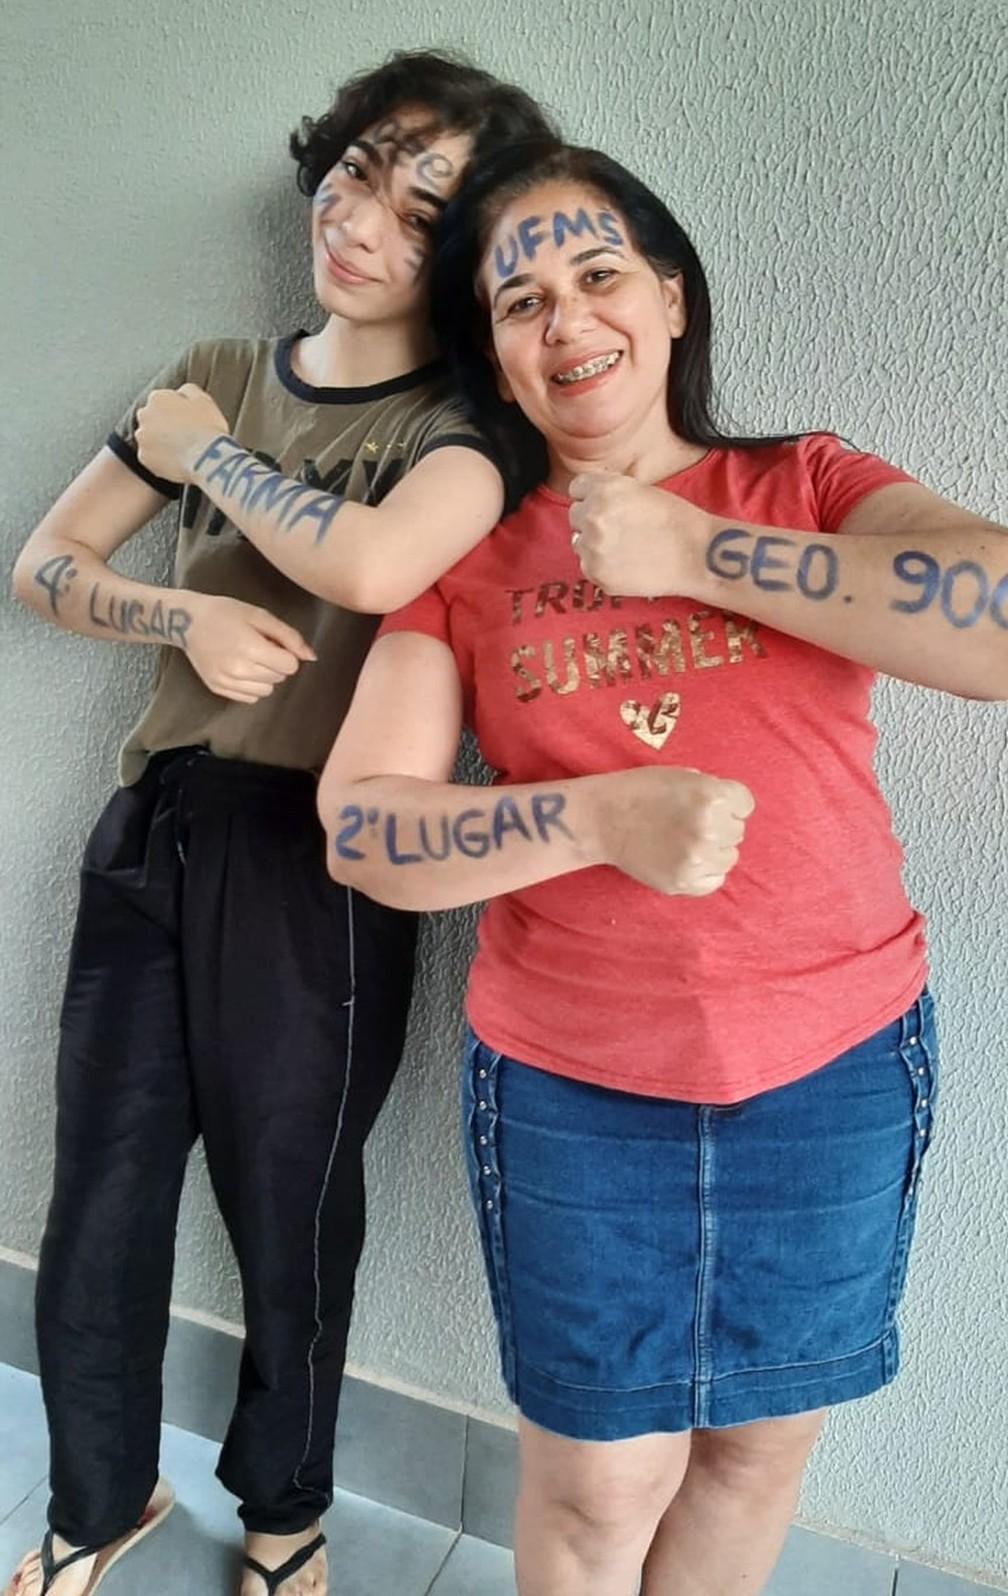 Após 20 anos longe da escola, mãe fica 1 ano estudando com filha autista e elas passam no vestibular juntas — Foto: Redes Sociais/Divulgação